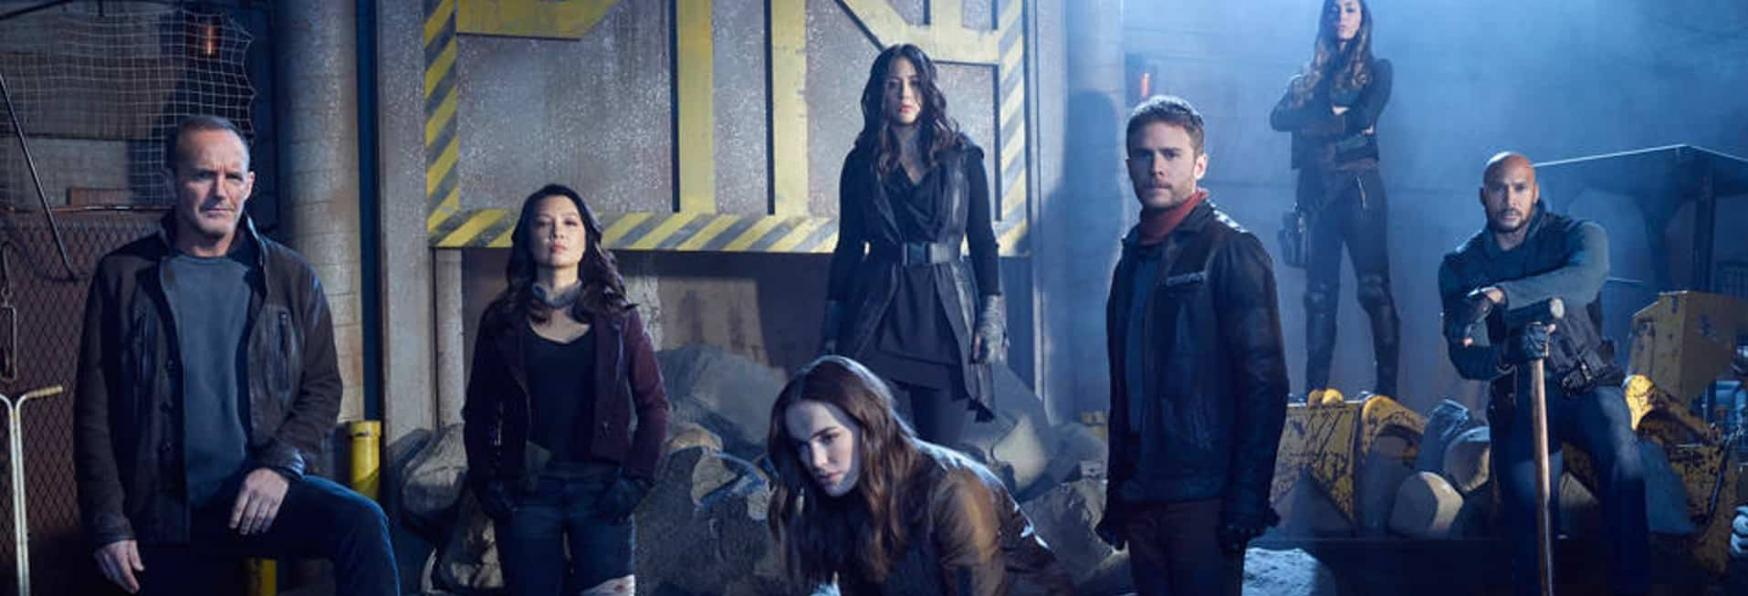 Agents of S.H.I.E.L.D.: La Crew condivide una miriade di Contenuti del Dietro le Quinte